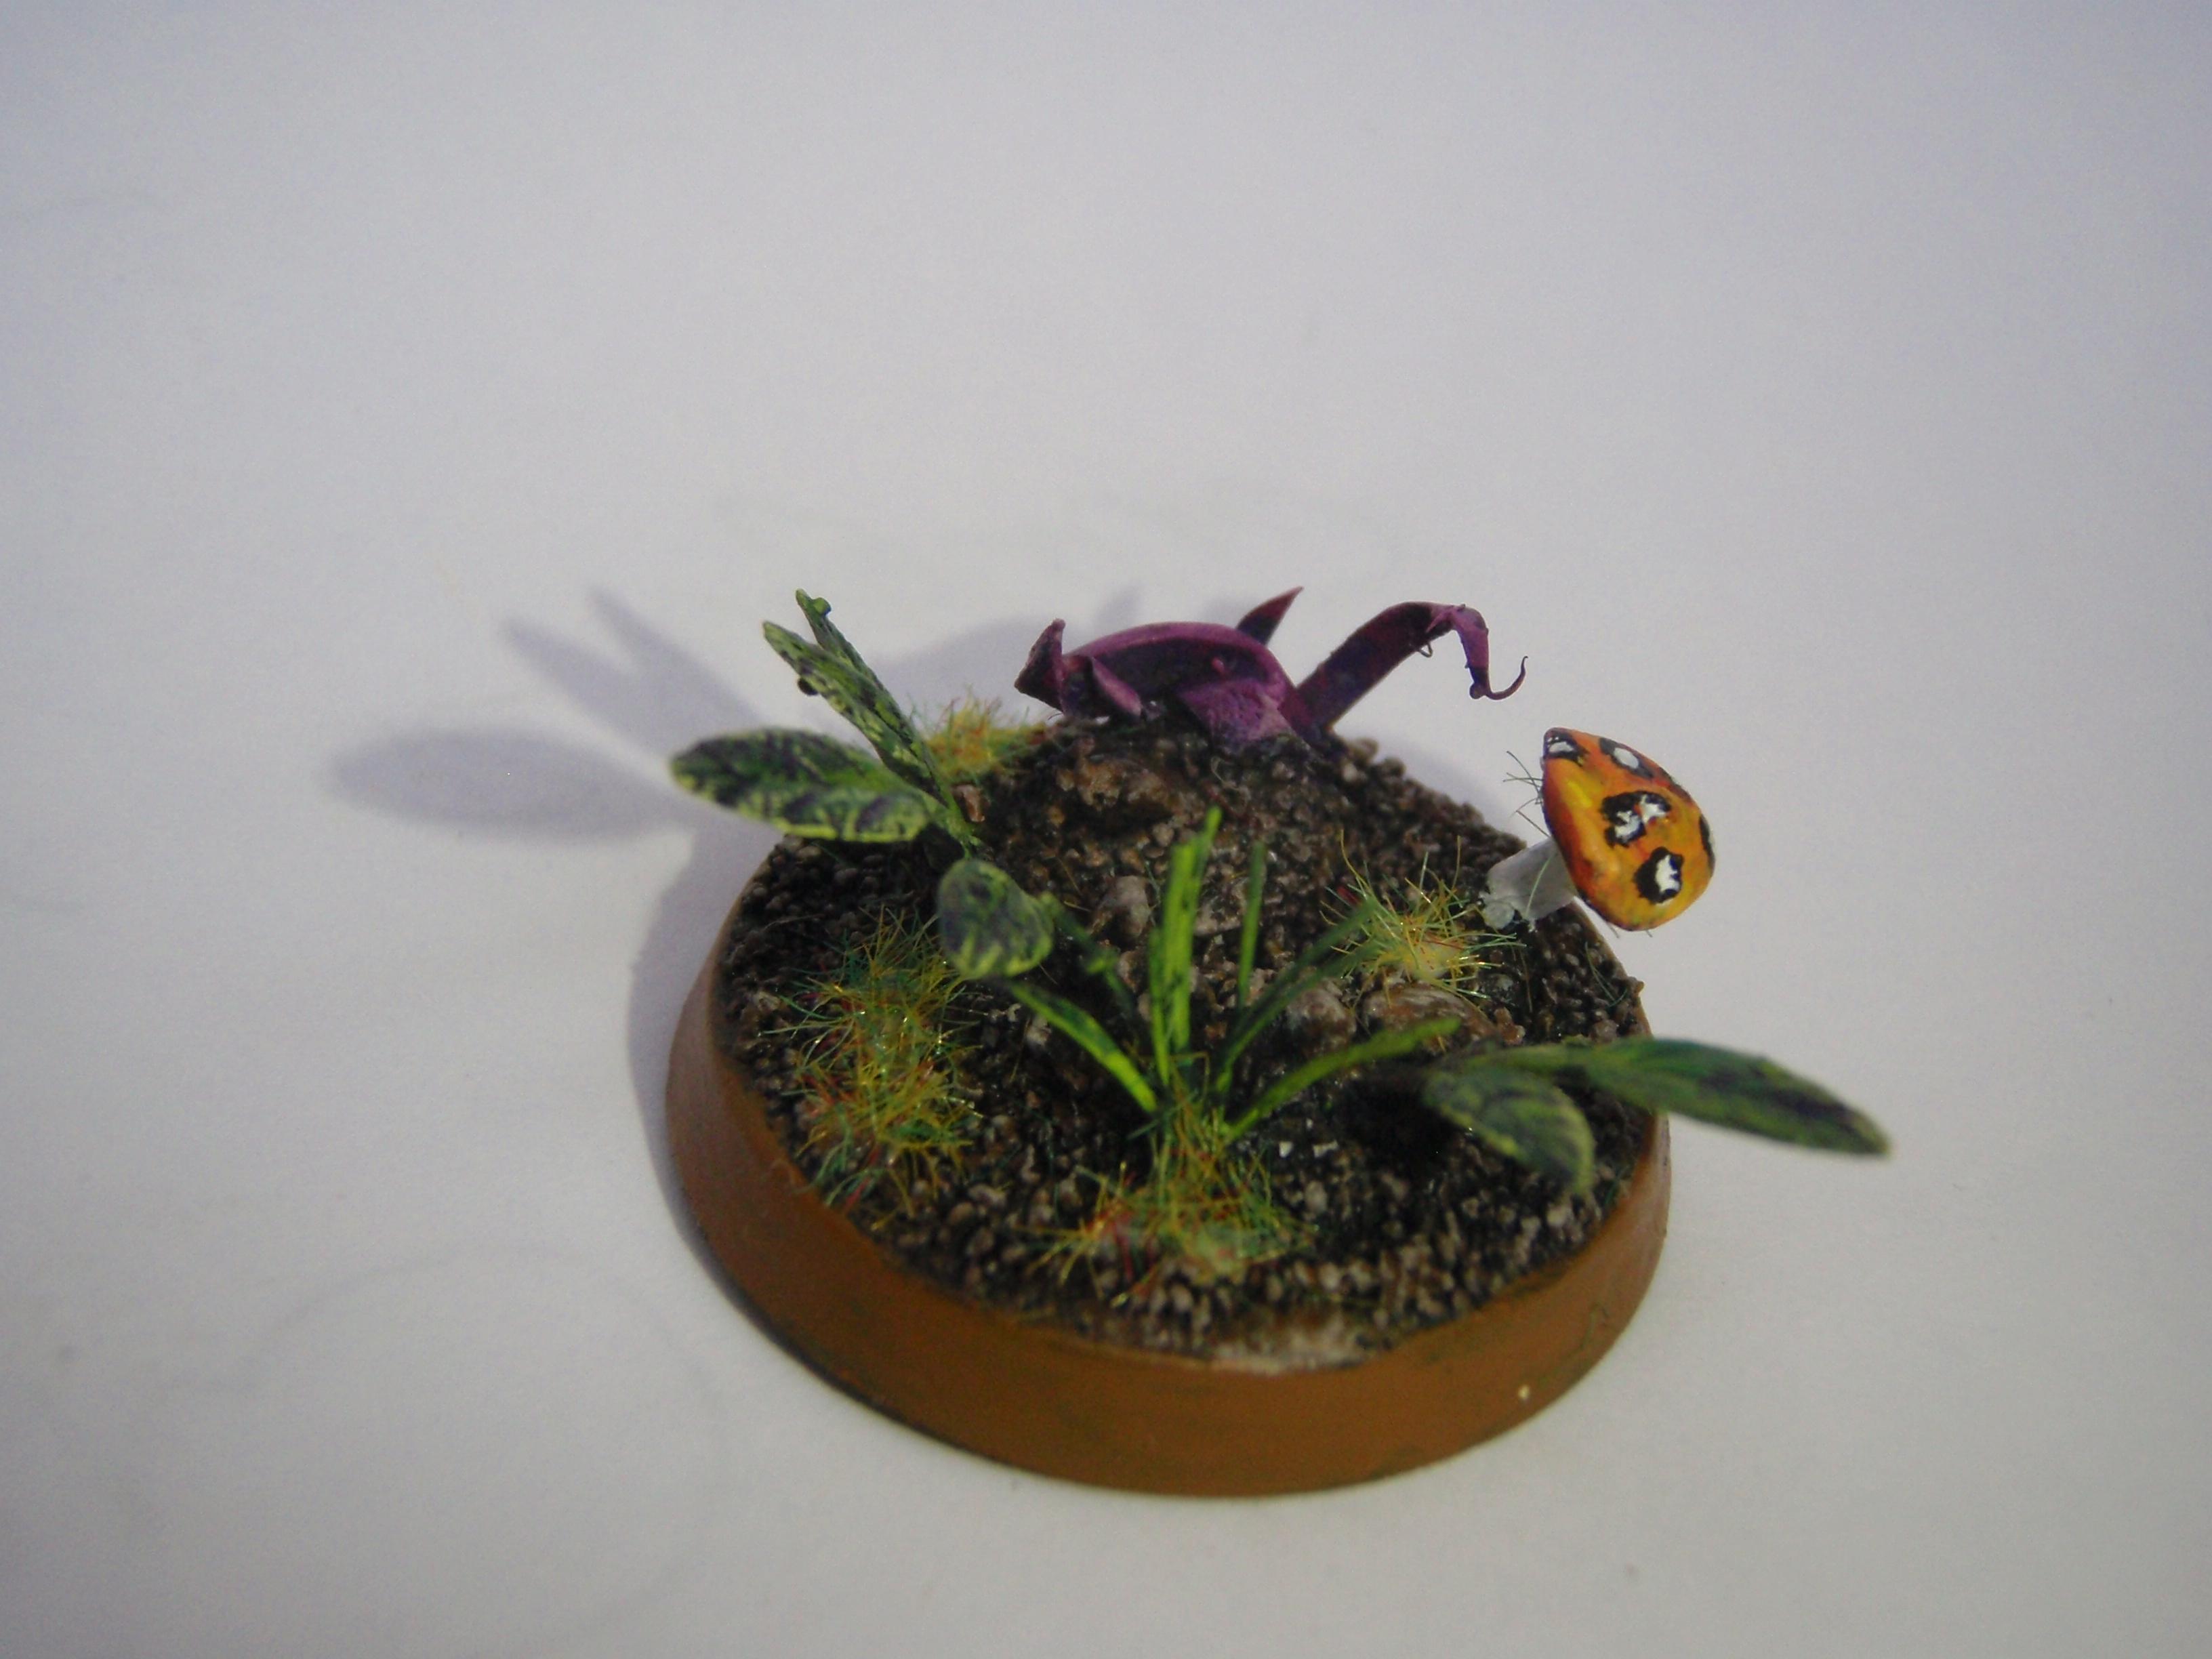 Base, Jungle, Mushroom